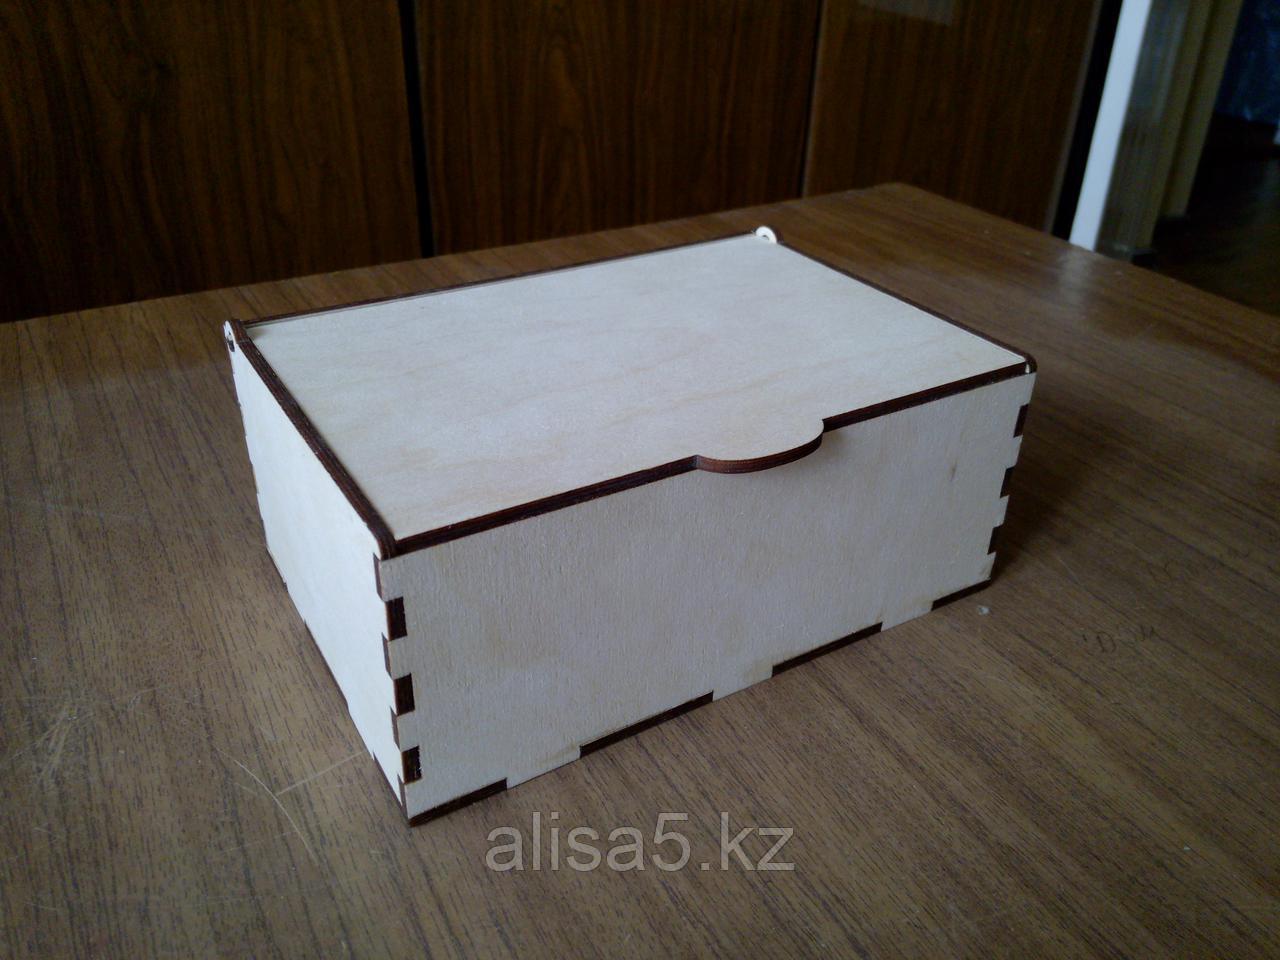 Шкатулка для мелочей (дерево) для декорирования 18*10*8 см